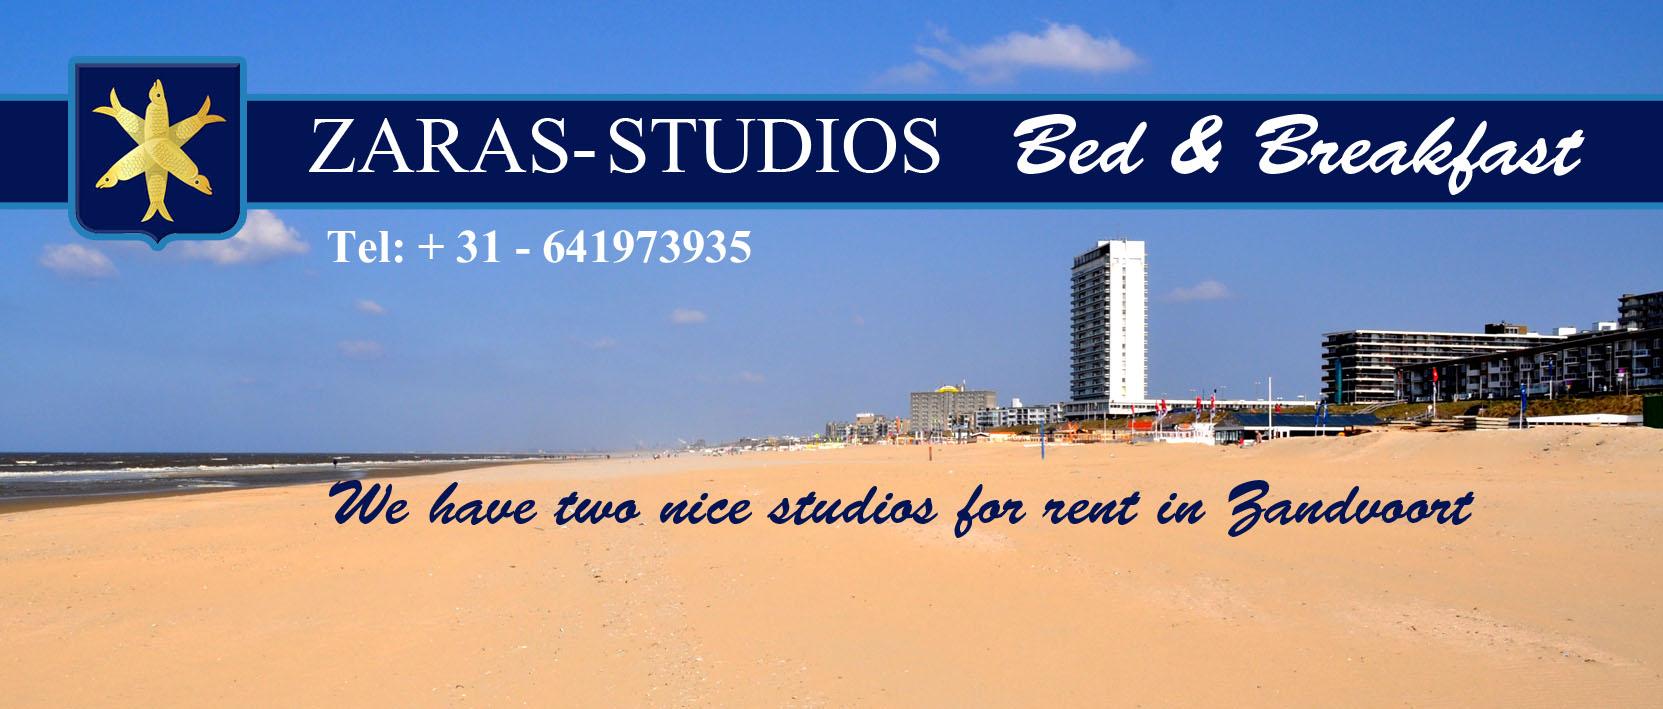 Zaras Studios - for rent in Zandvoort